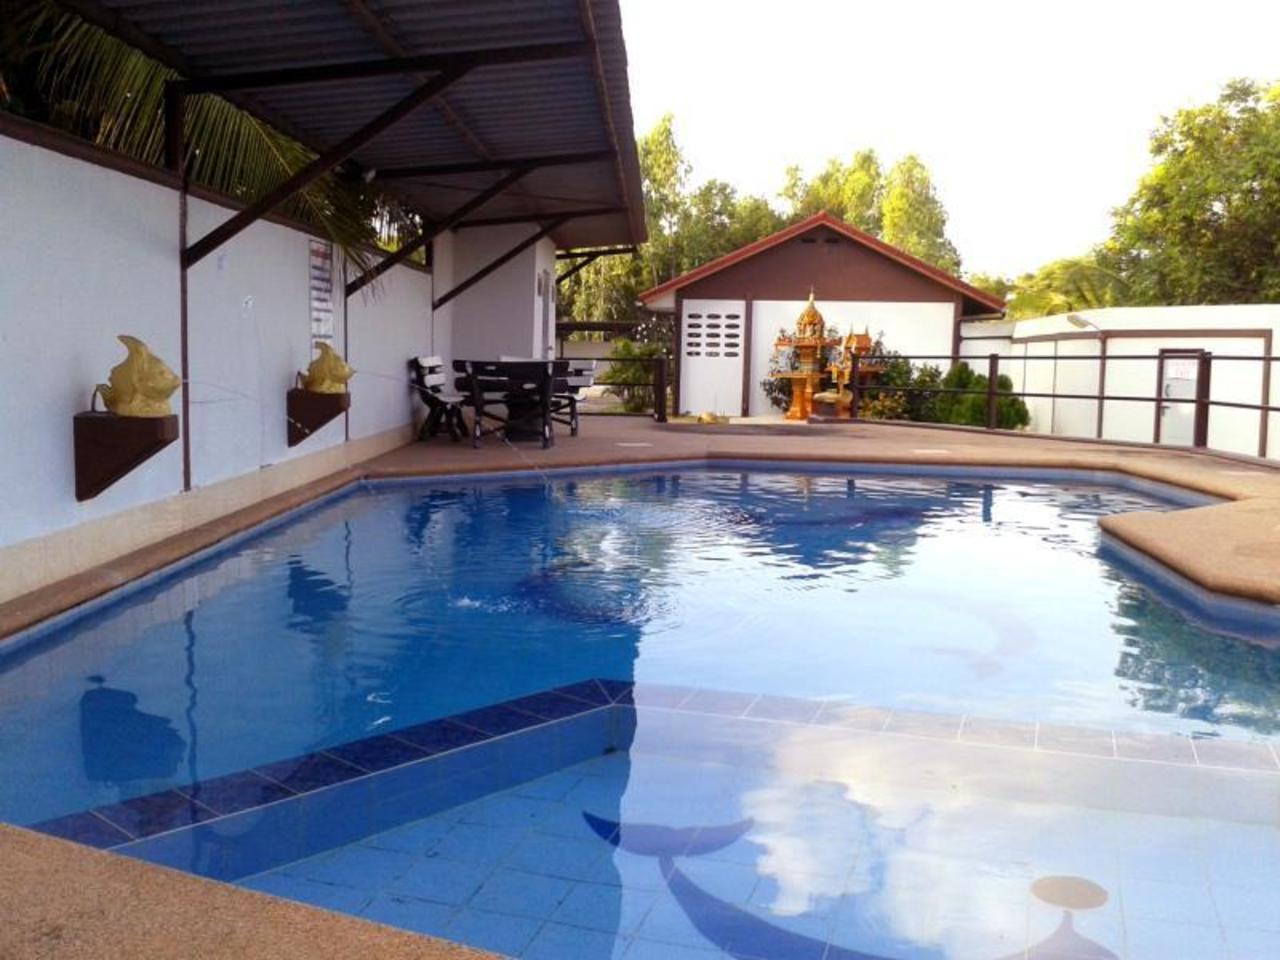 โรงแรมบัลลังก์ รีสอร์ตแอนด์สวิมมิงพูล (BANLANG HOTEL Resort & Swimmingpool)